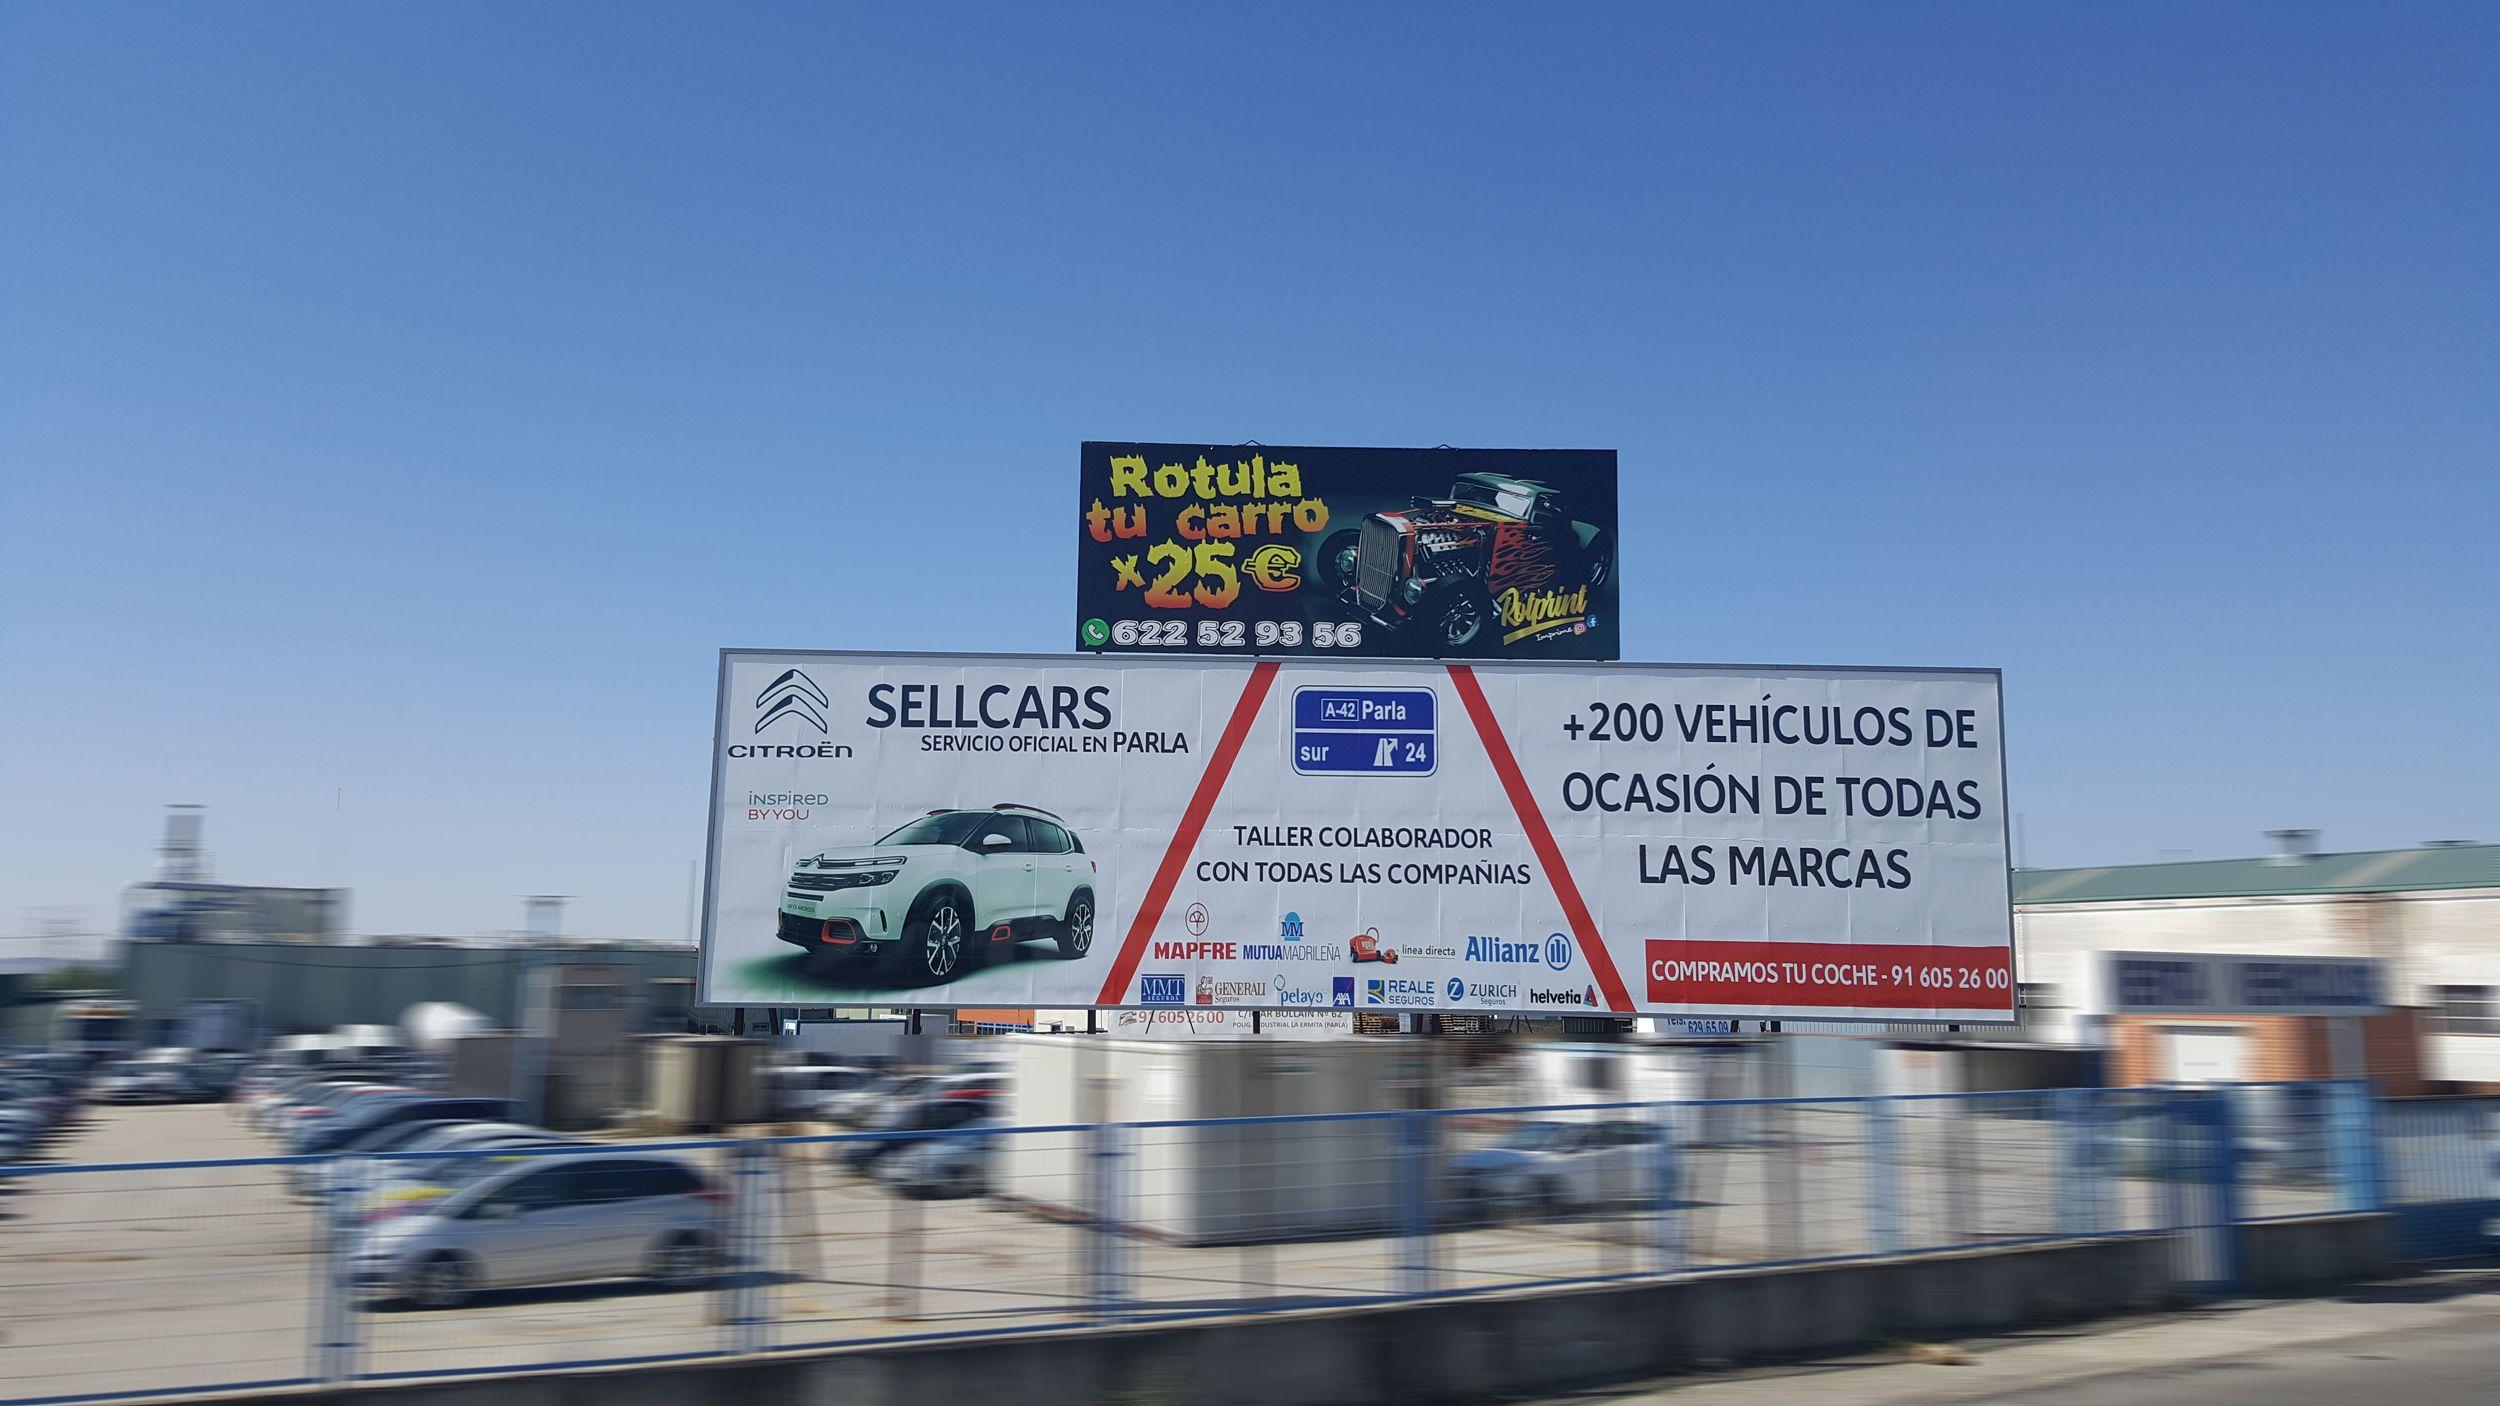 Valla publicitaria en Campa Grupo PSA